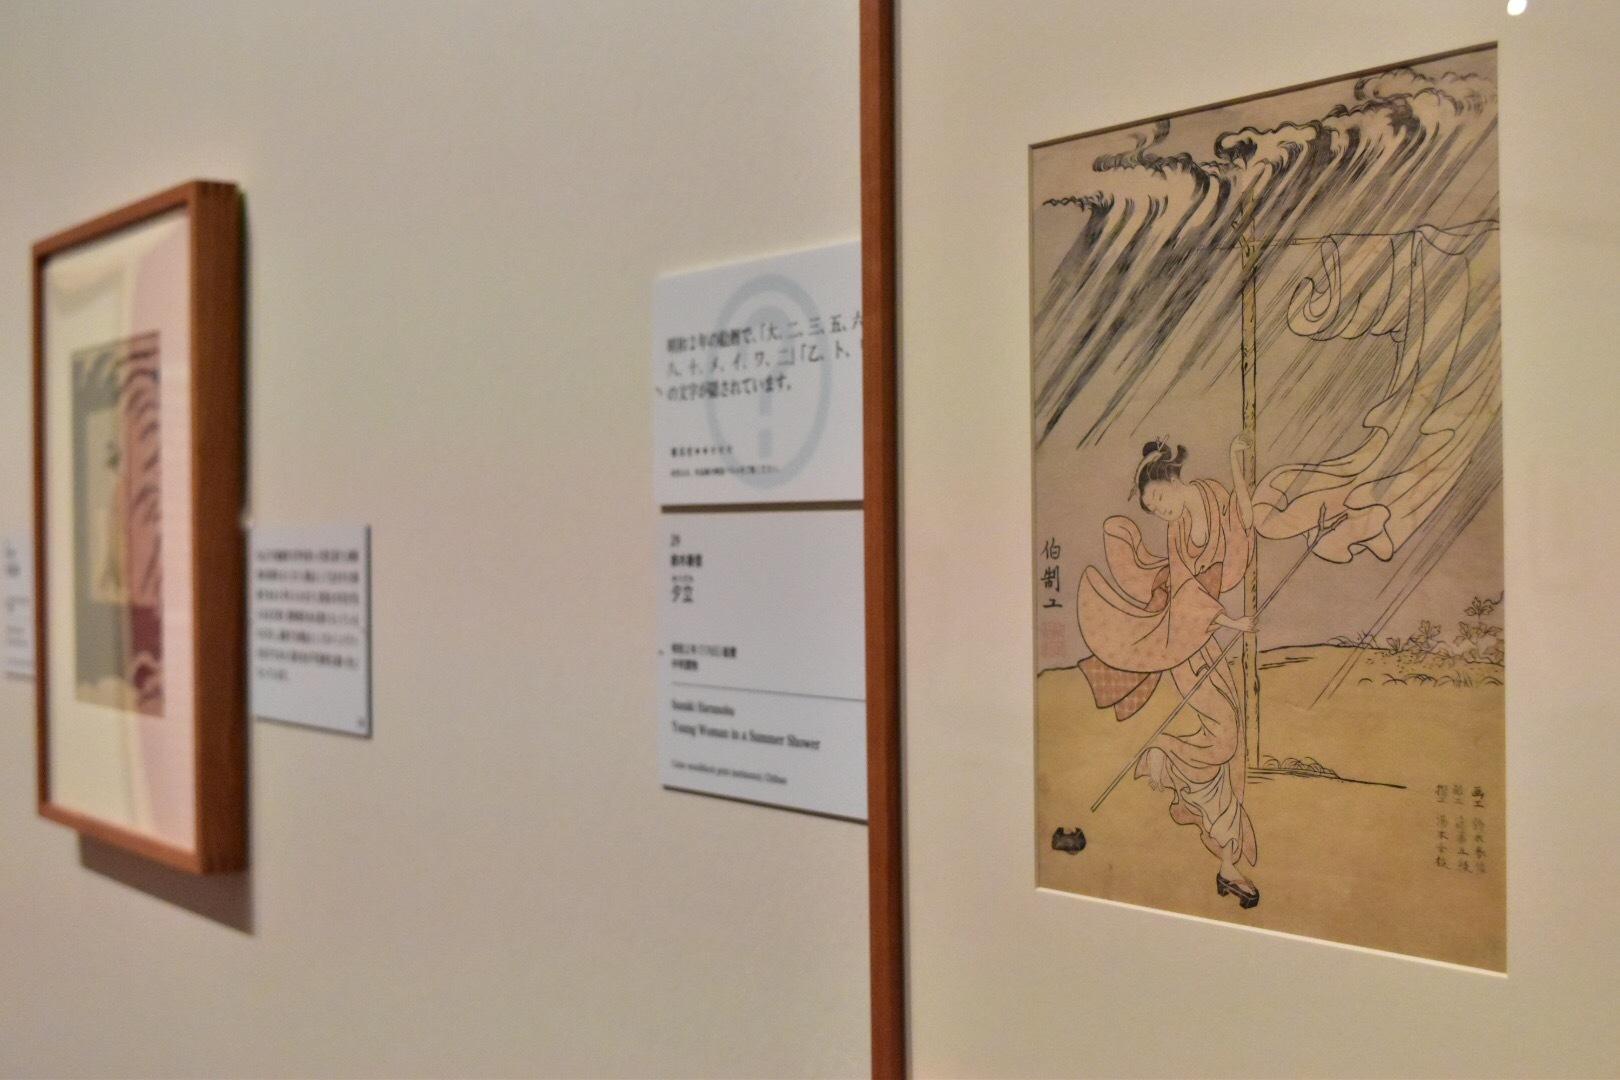 鈴木春信 《夕立》 明和2年(1765)絵暦 中判摺物